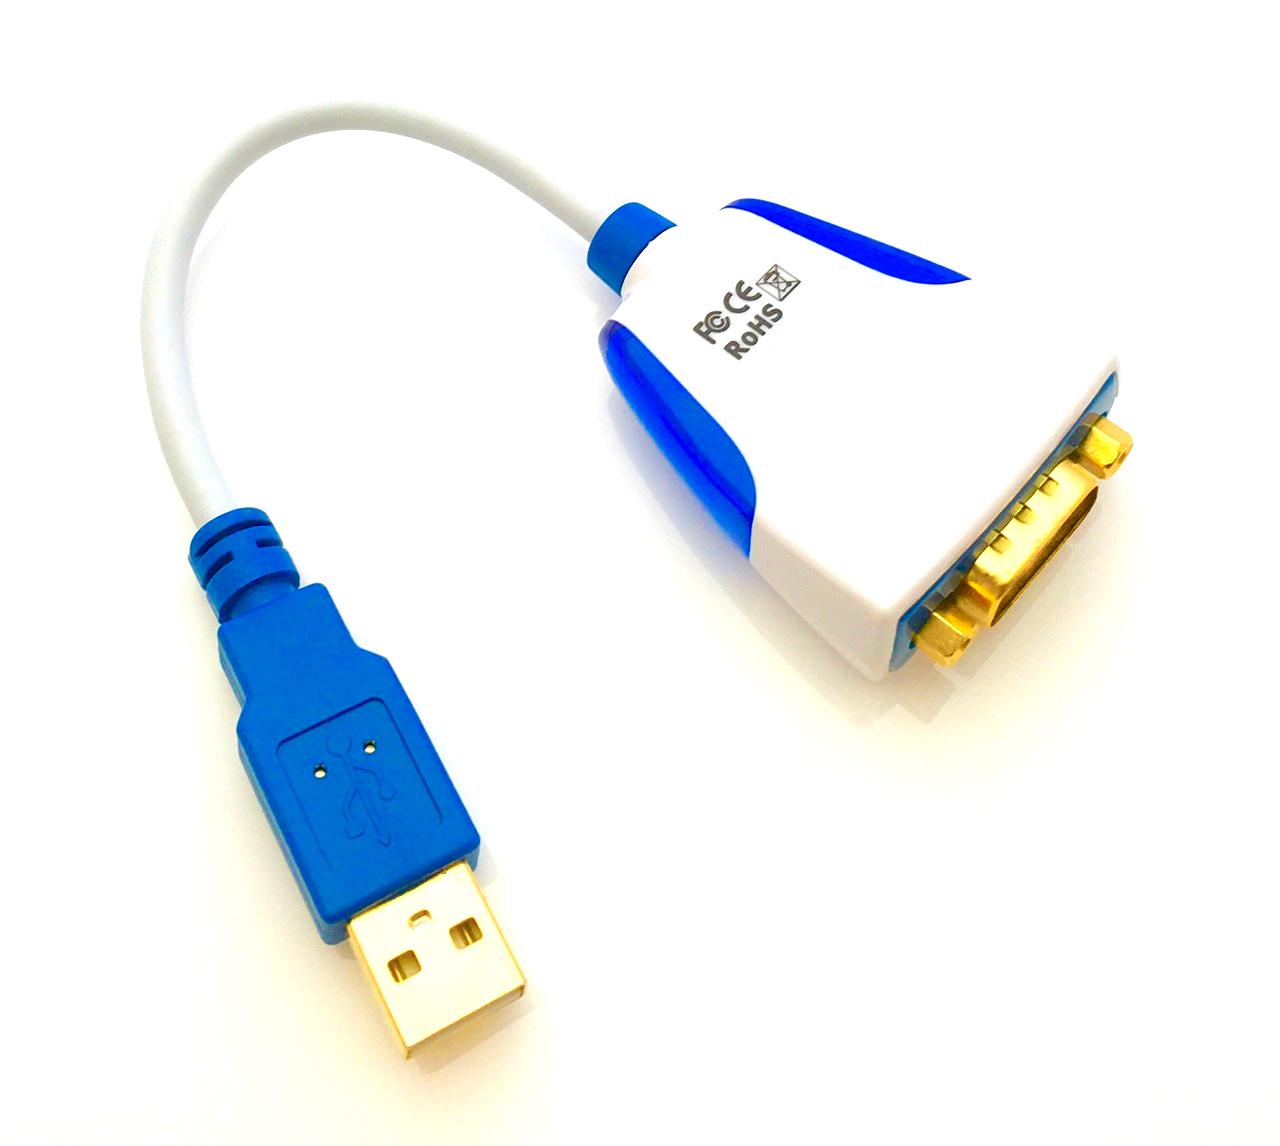 Premium USB-Serial Converter